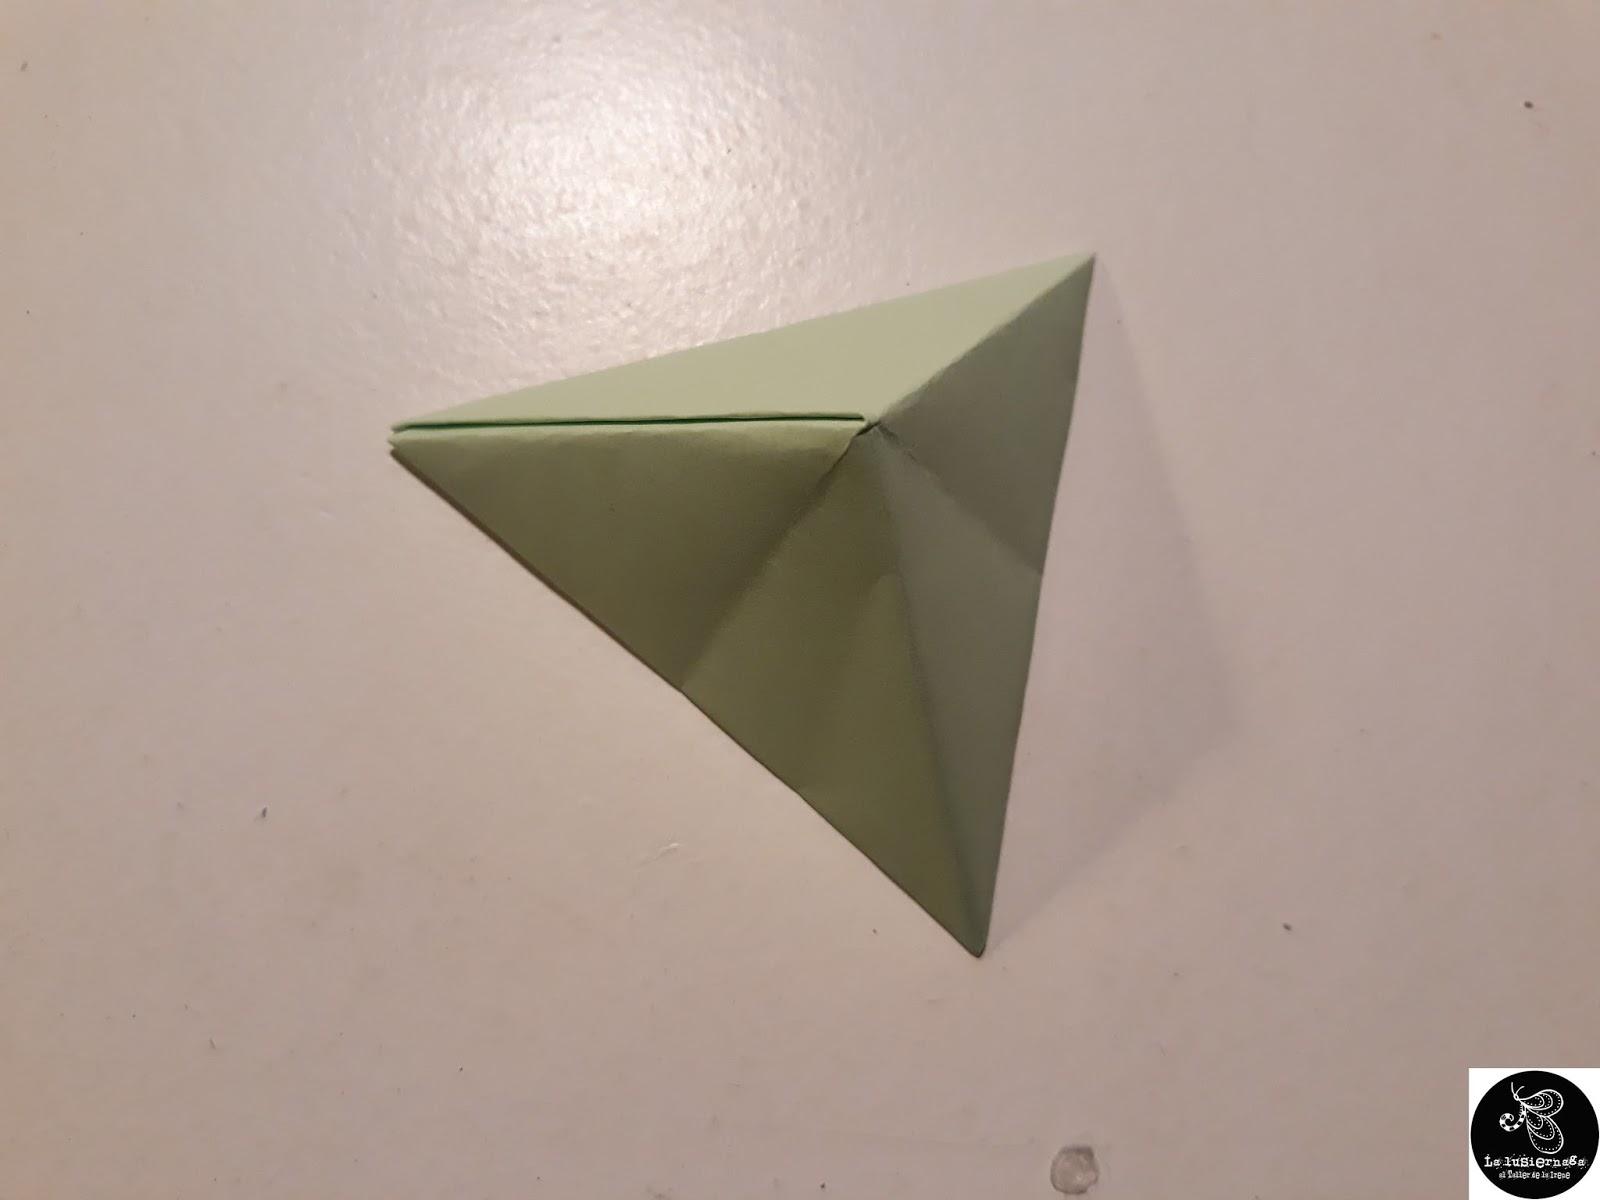 c5f4cc2eab37 Aquí tens el resultat del què és possible fer amb uns quants fulls de paper.  Recorda que RECICLANT REVISTES també!